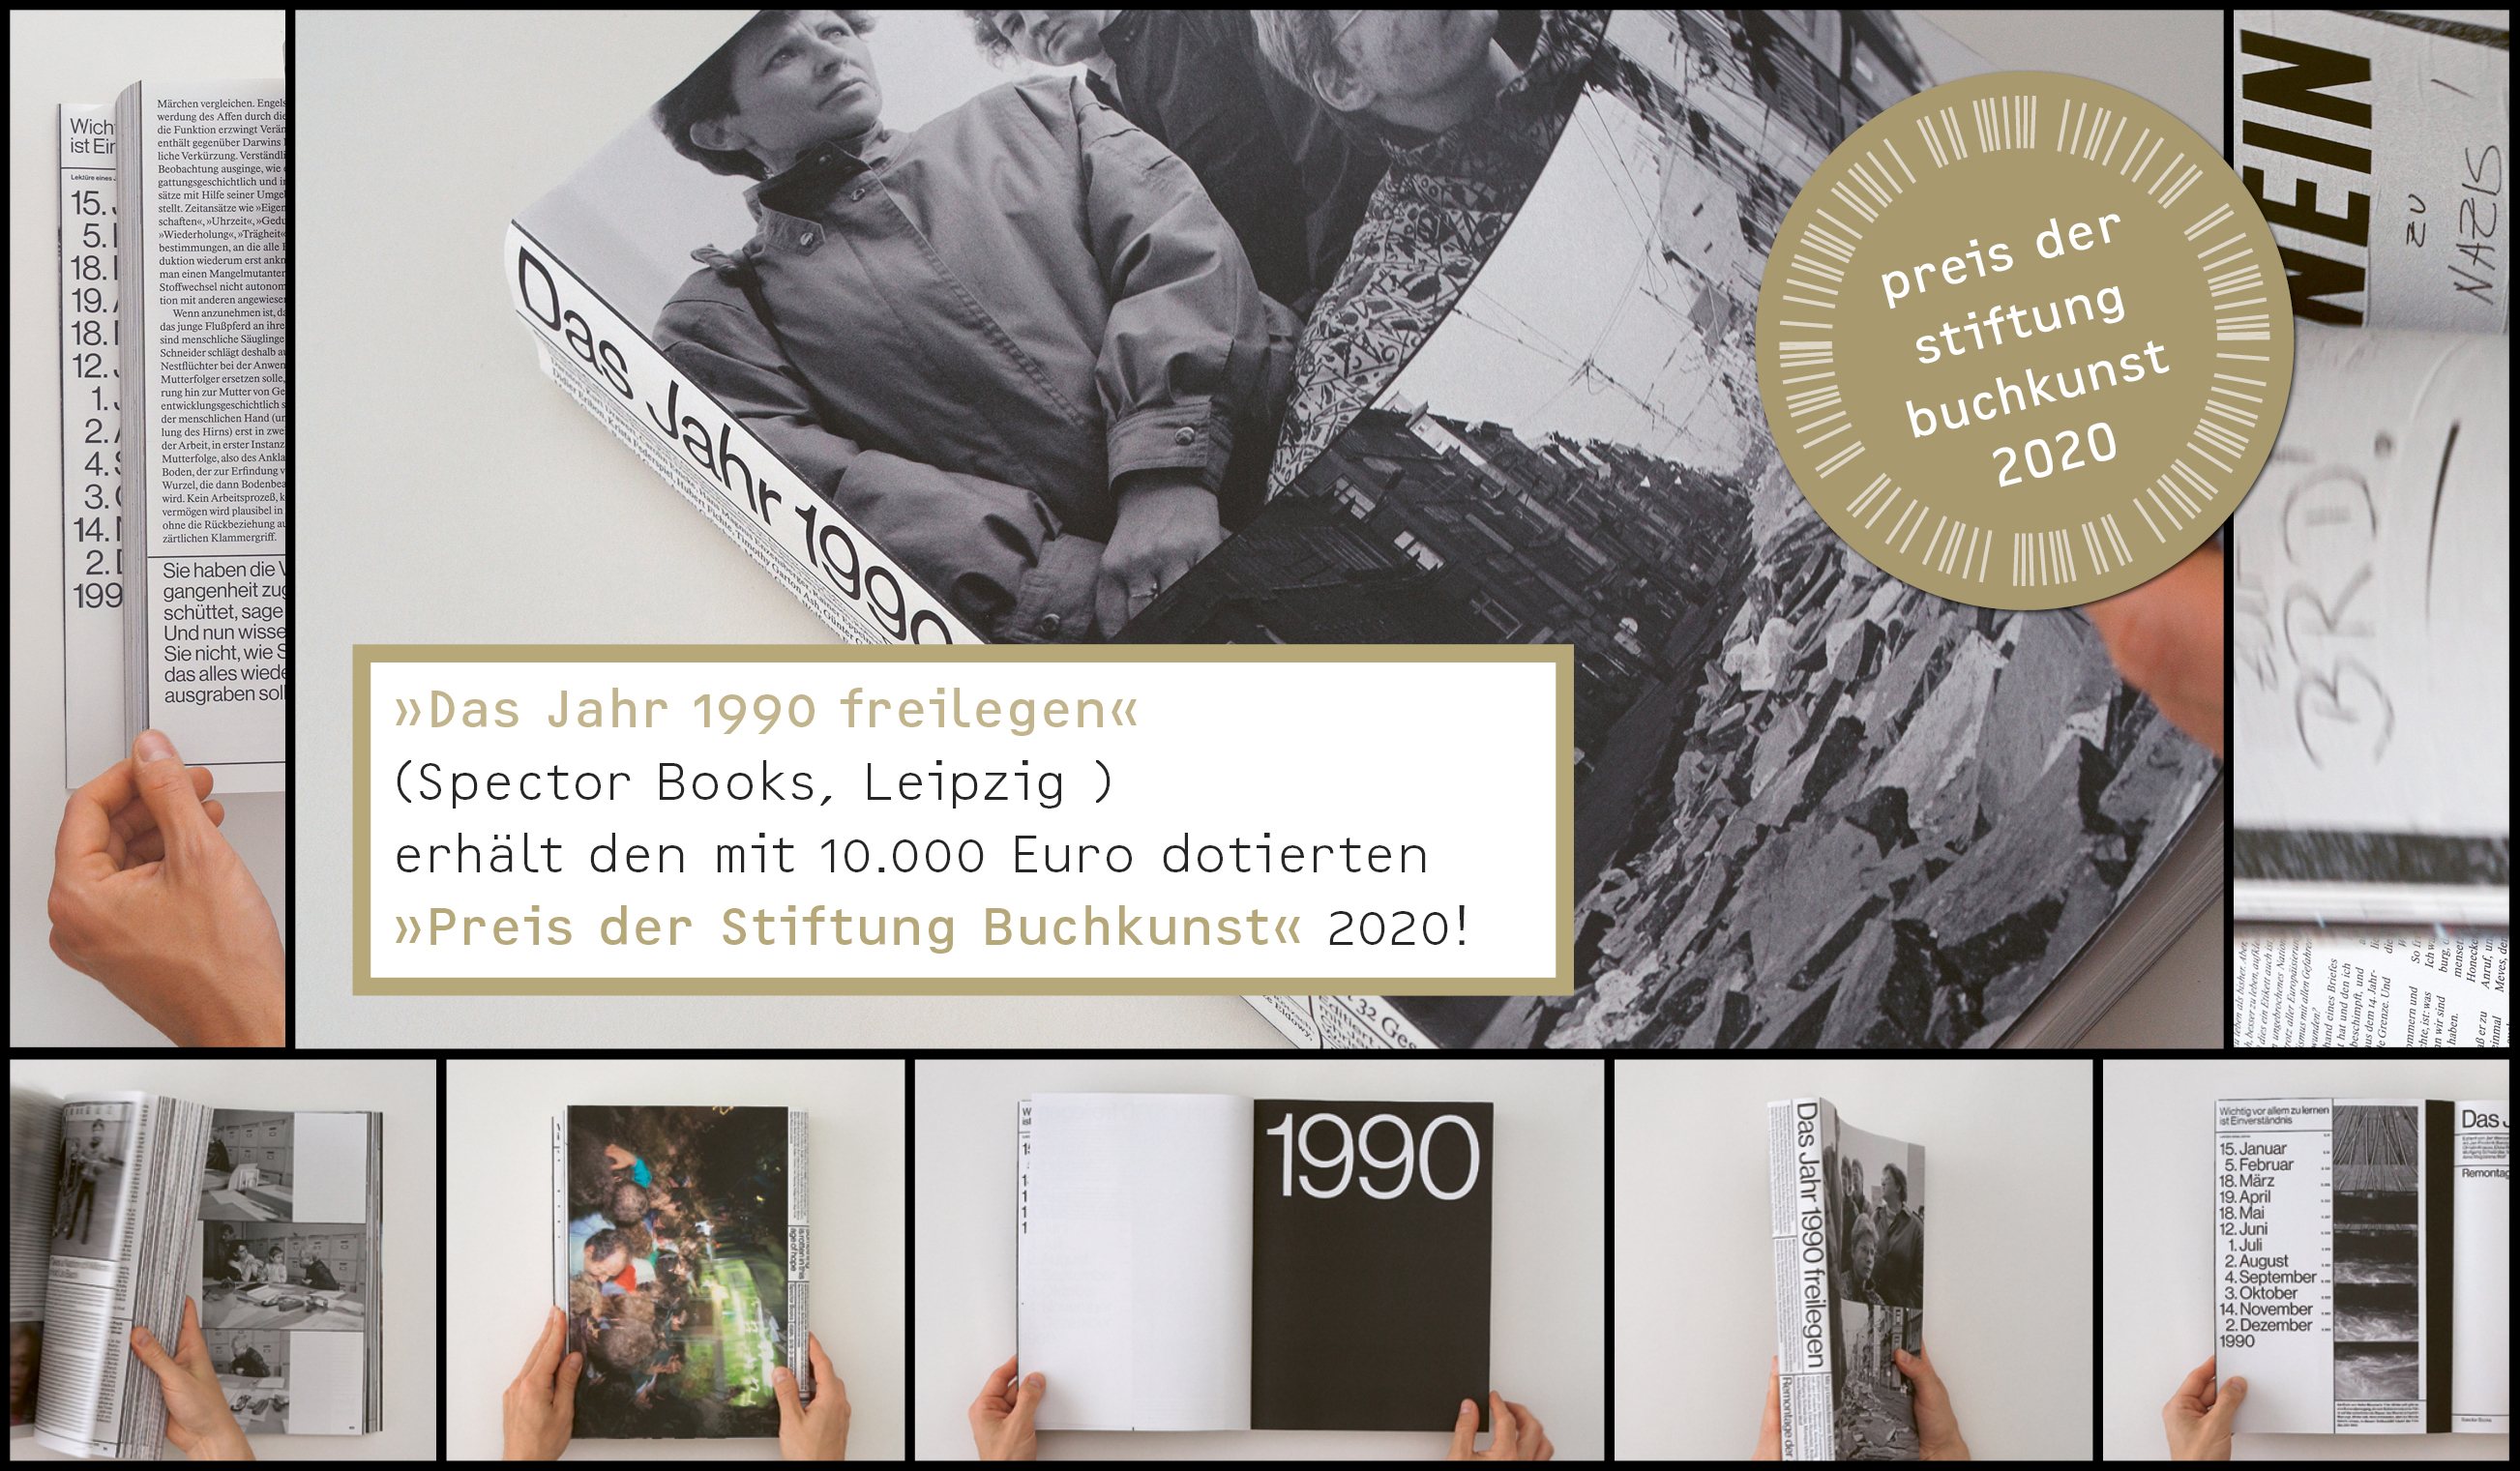 Preis der Stiftung Buchkunst für «Das Jahr 1990 freilegen»